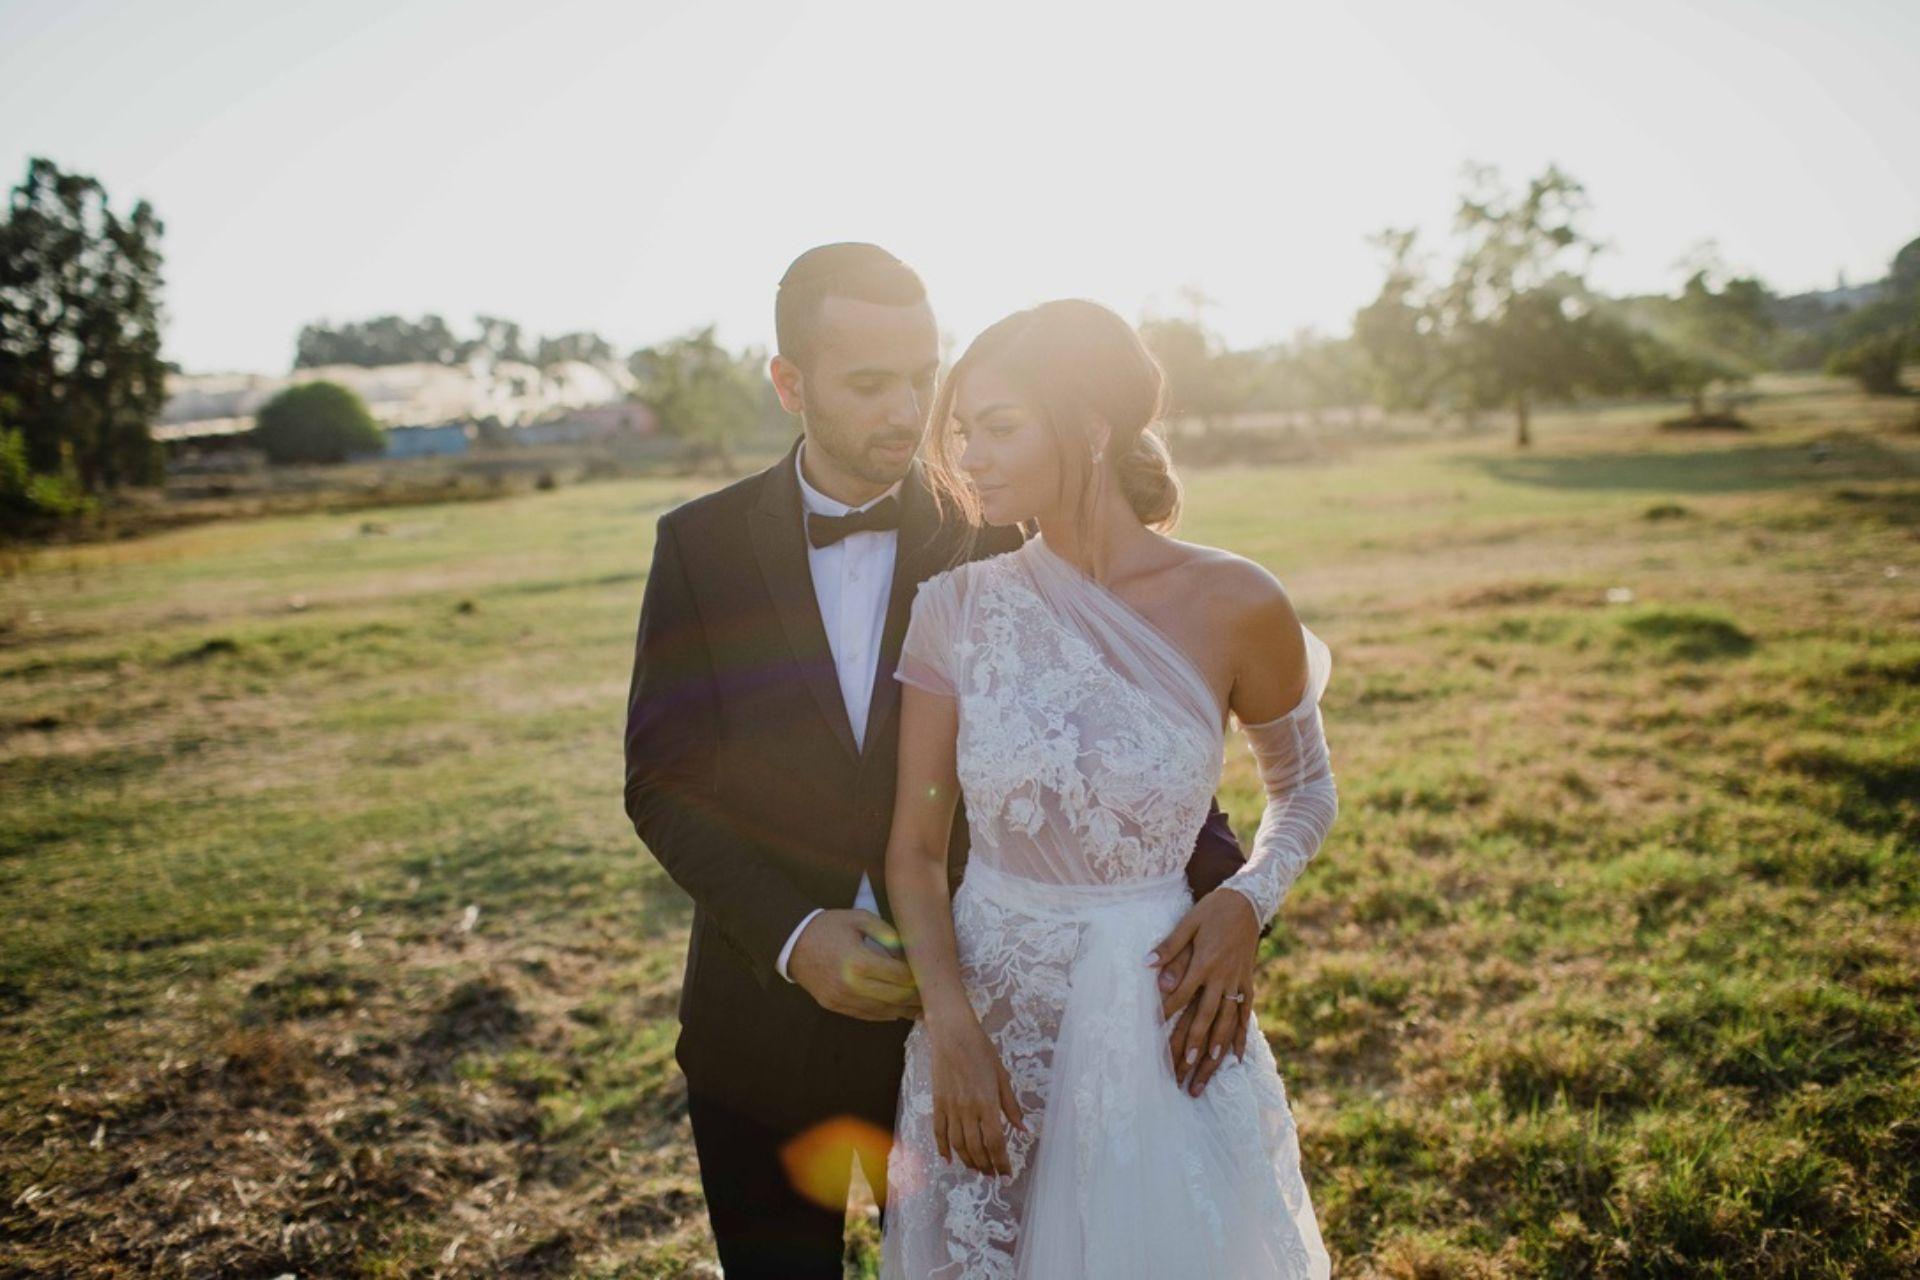 חתונה חלומית: פמפאס, צבעי פסטל ושמלת כלה מדהימה